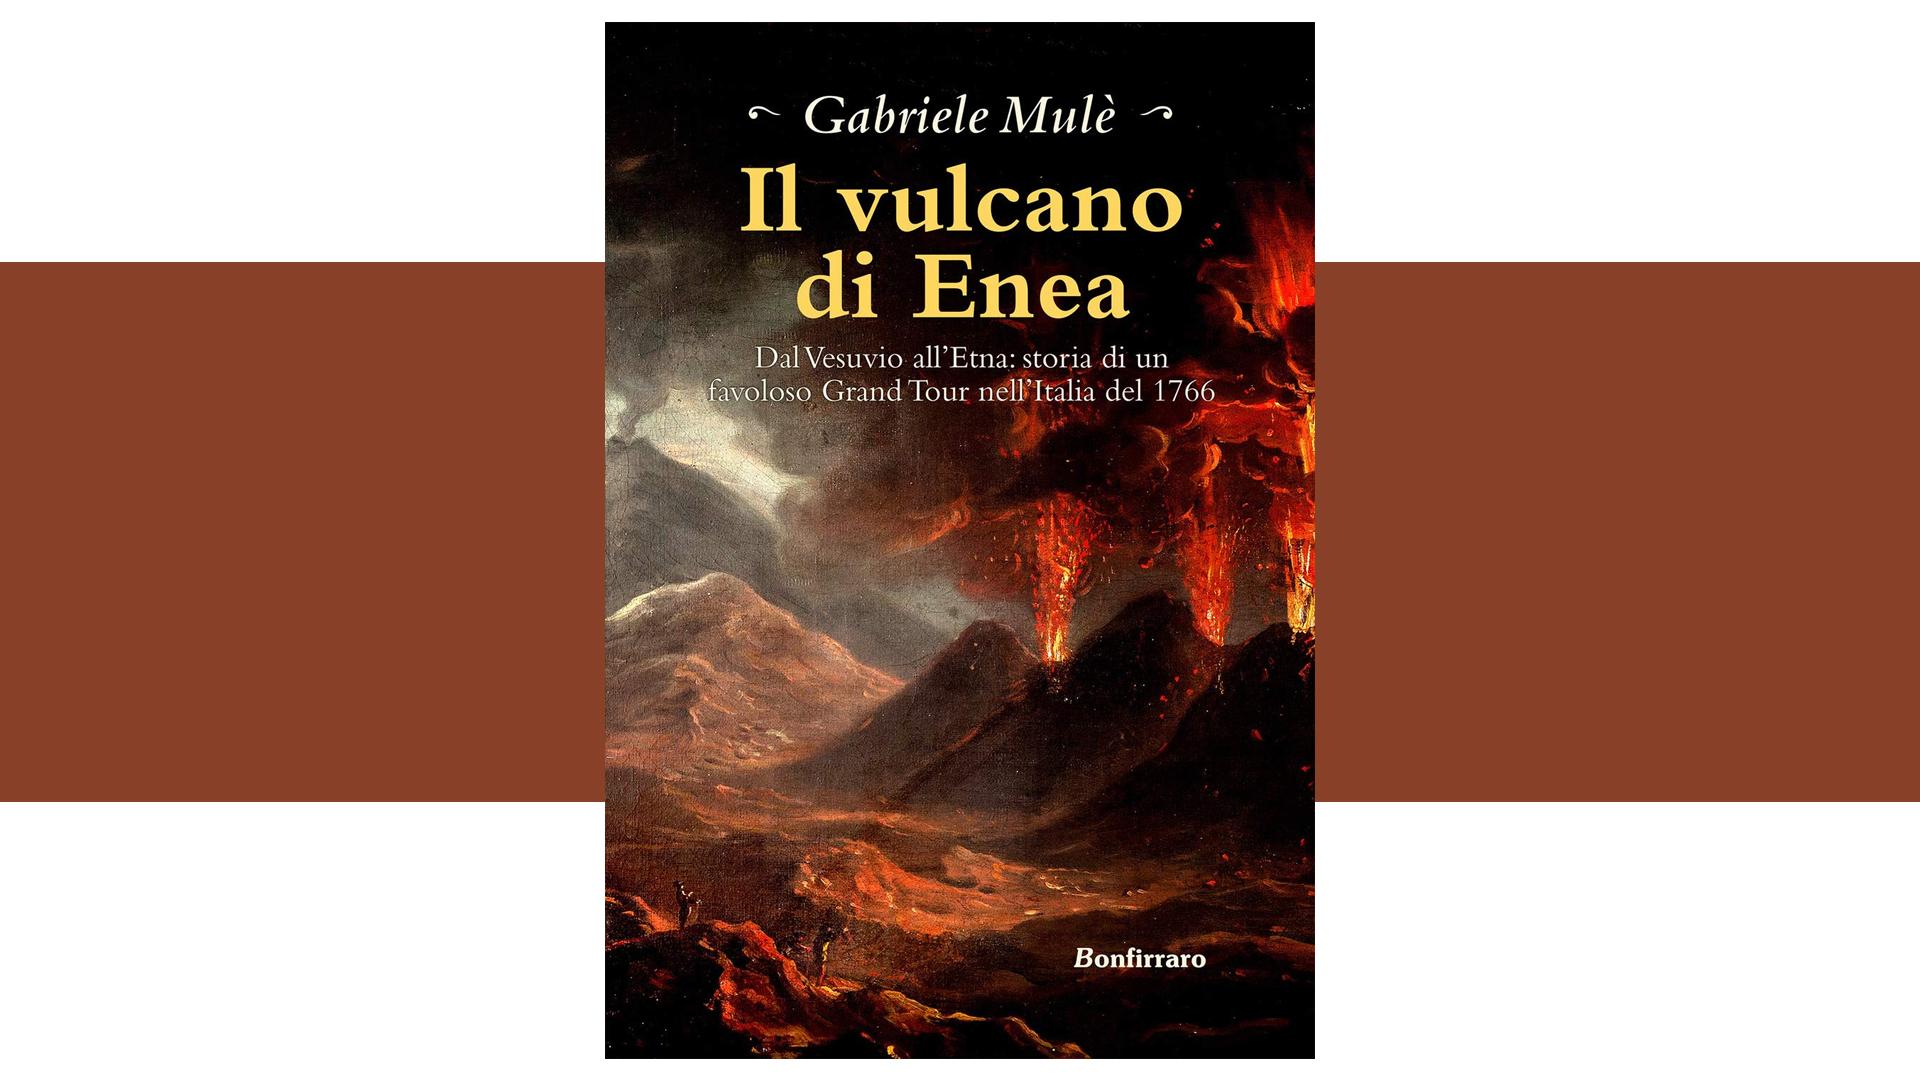 Il vulcano di Enea, viaggio segreto sull'Etna